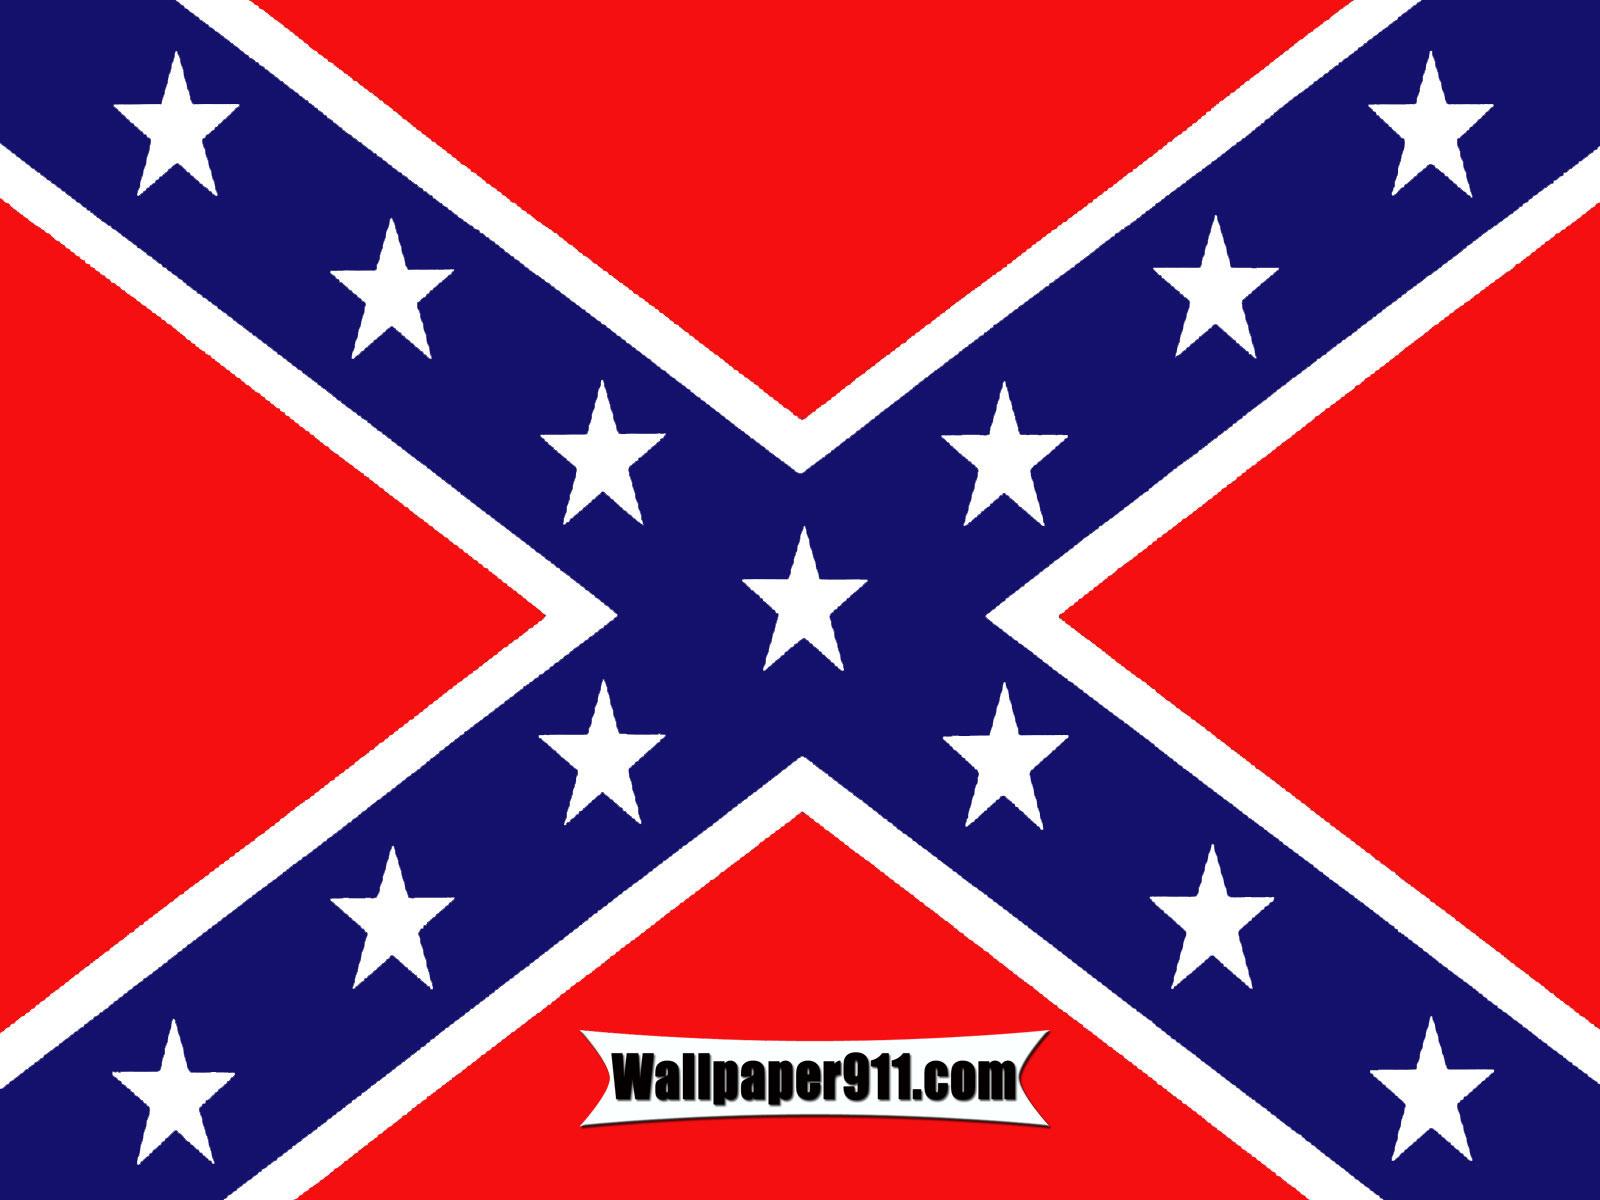 Confederate Flag Wallpaper 1600x1200